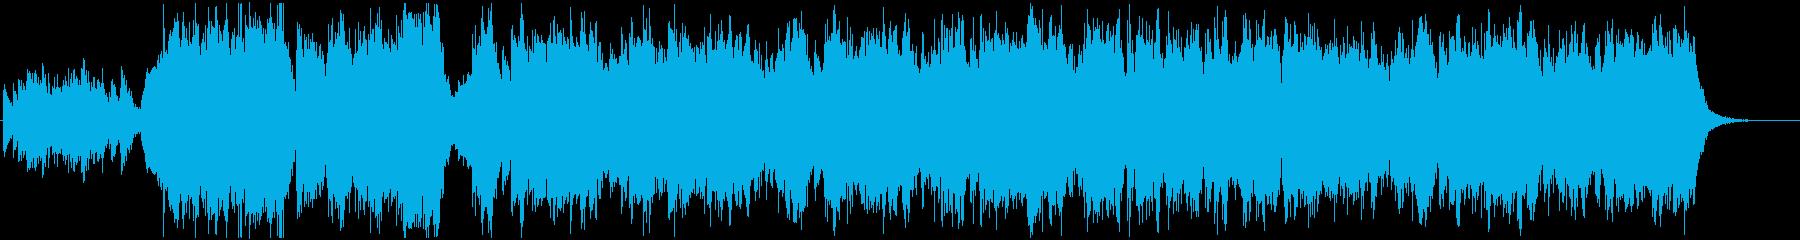 校歌をイメージした吹奏楽の再生済みの波形